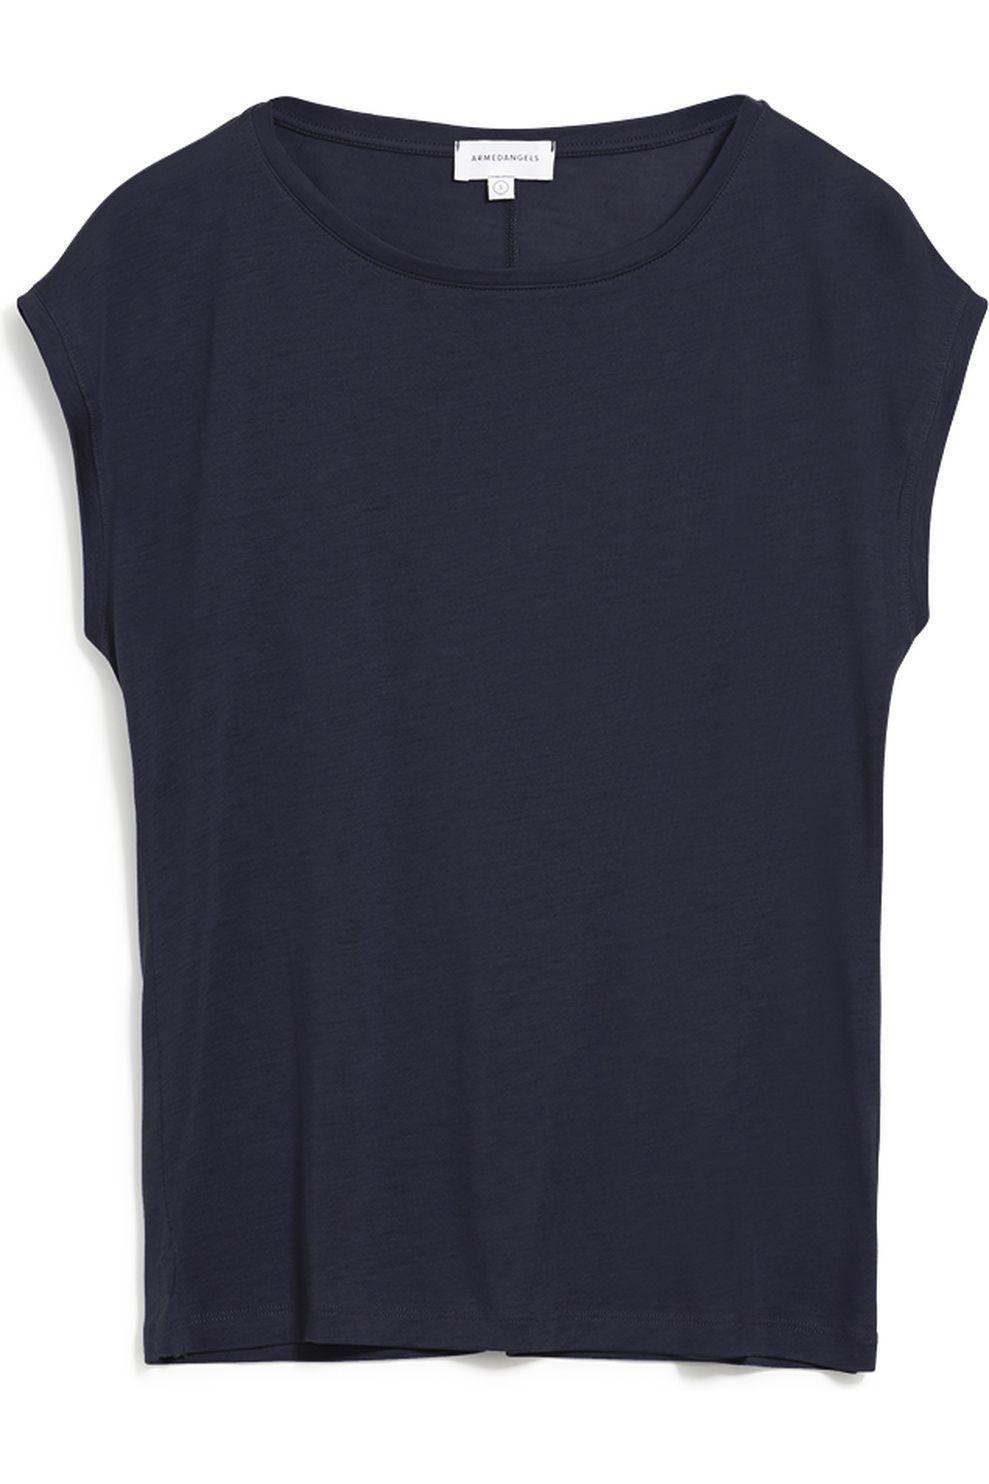 ARMEDANGELS T-Shirt Jil voor dames - Blauw - Maten: XS, S, M, L, XL